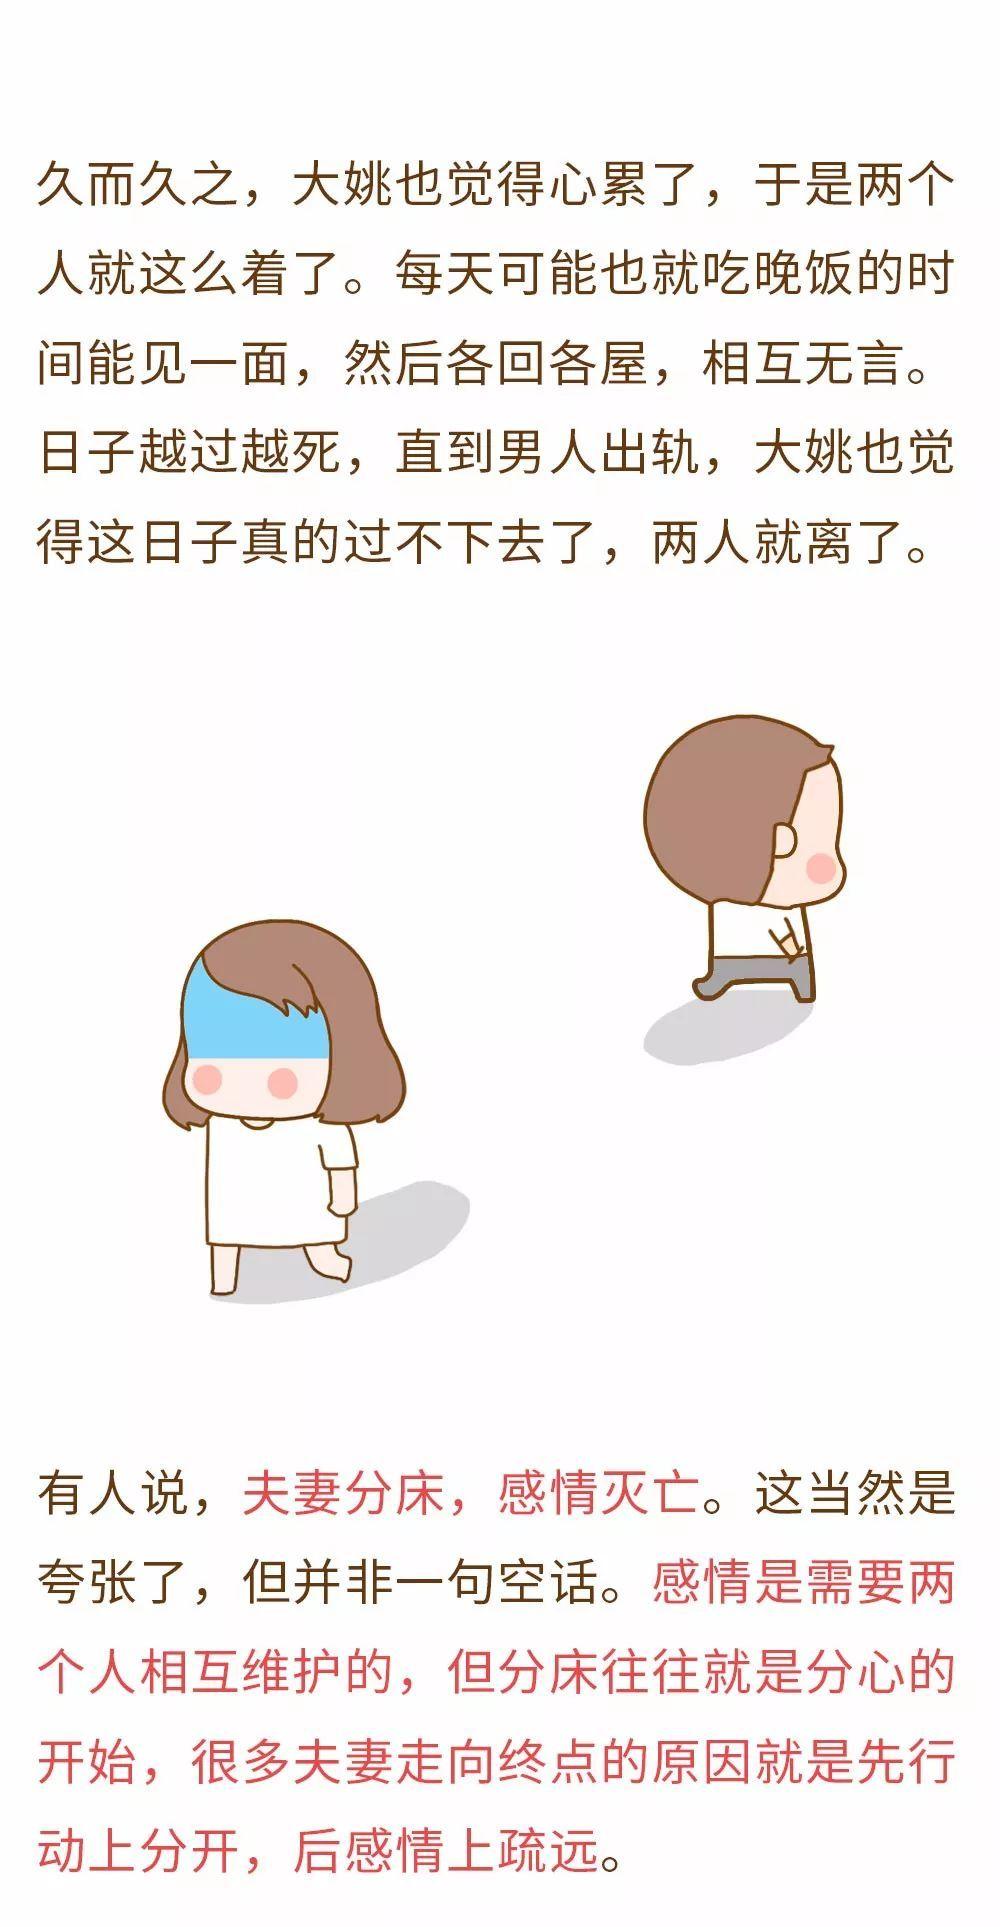 美高梅手机版官方网站 7